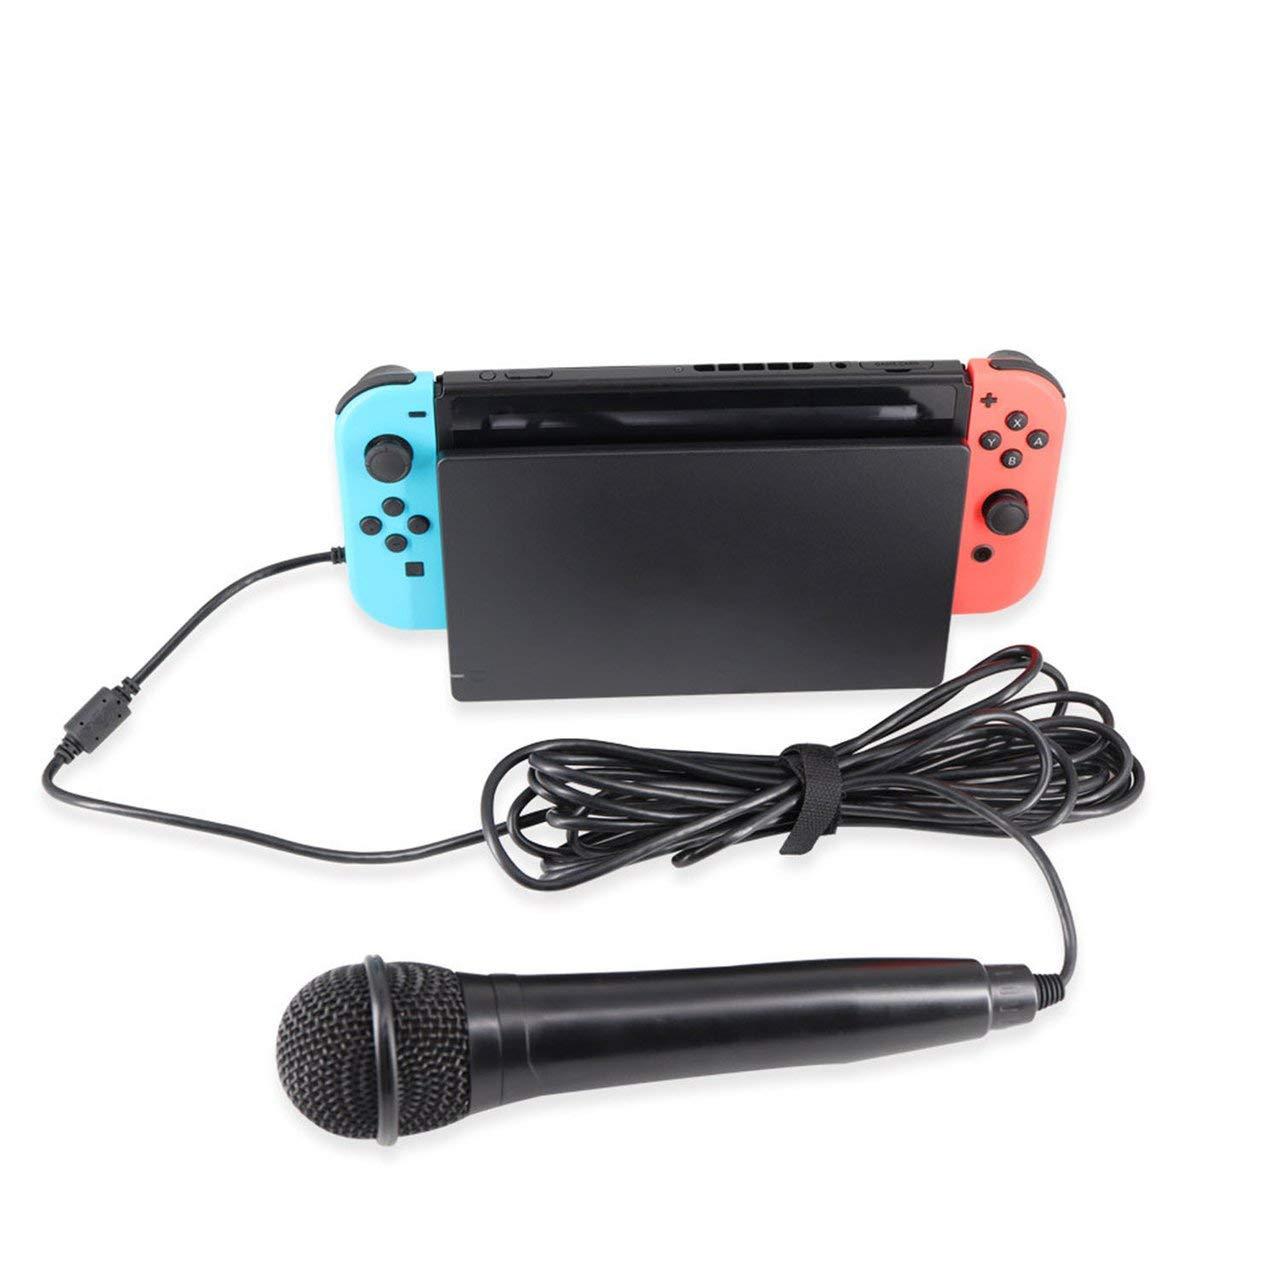 fEStprintse 1 UNID Micrófono con Cable USB Micrófono de Karaoke de Alto Rendimiento para el Interruptor PS4 para WiiU PC para Todos los Juegos de música: Amazon.es: Deportes y aire libre